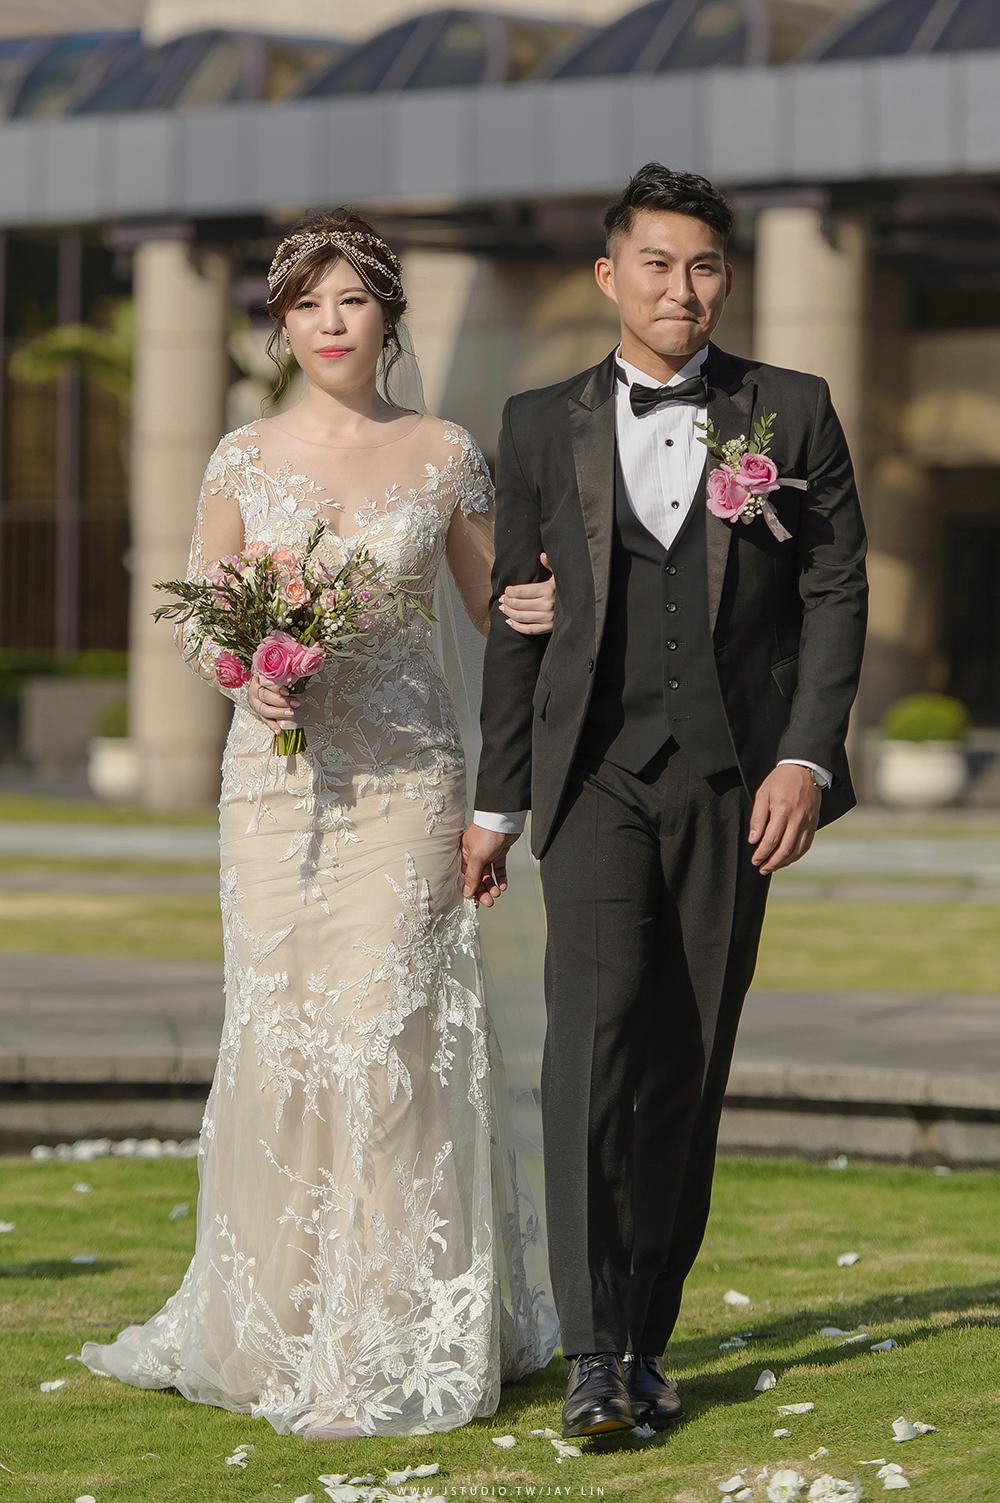 婚攝 台北婚攝 婚禮紀錄 婚攝 推薦婚攝 世貿三三 JSTUDIO_0036